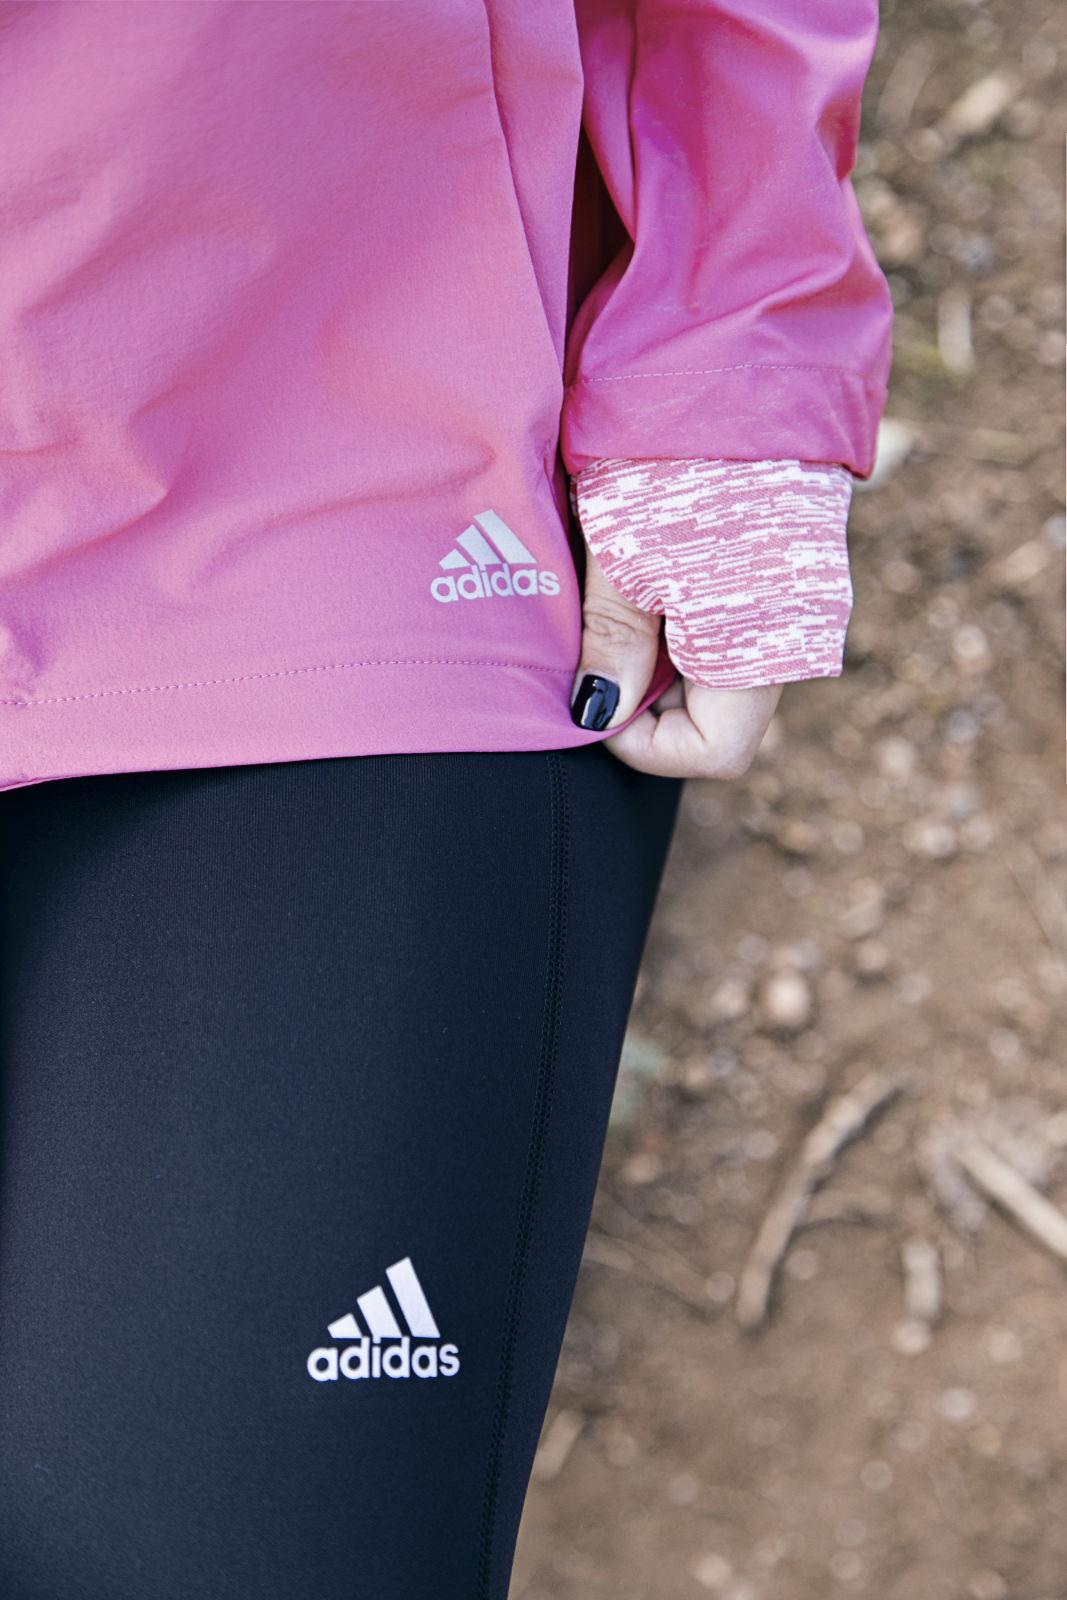 Adidas 7